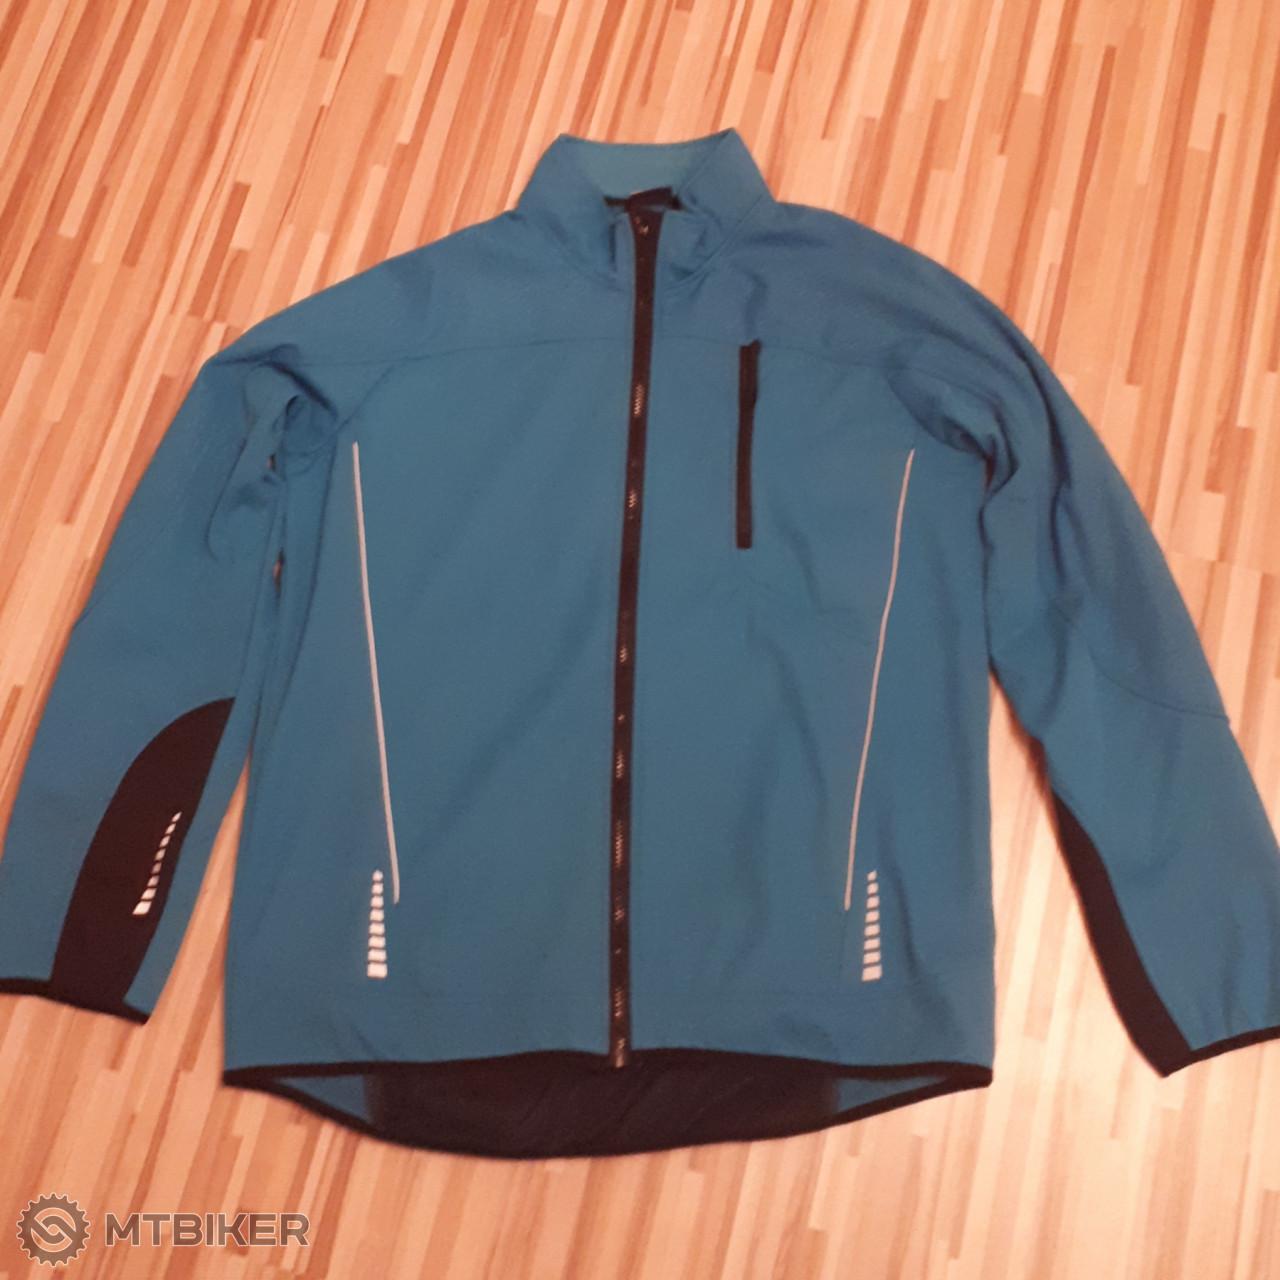 012204209 Cyklo Bunda Crivit Jar,jeseň - Príslušenstvo - Oblečenie a batohy - Bazár  MTBIKER